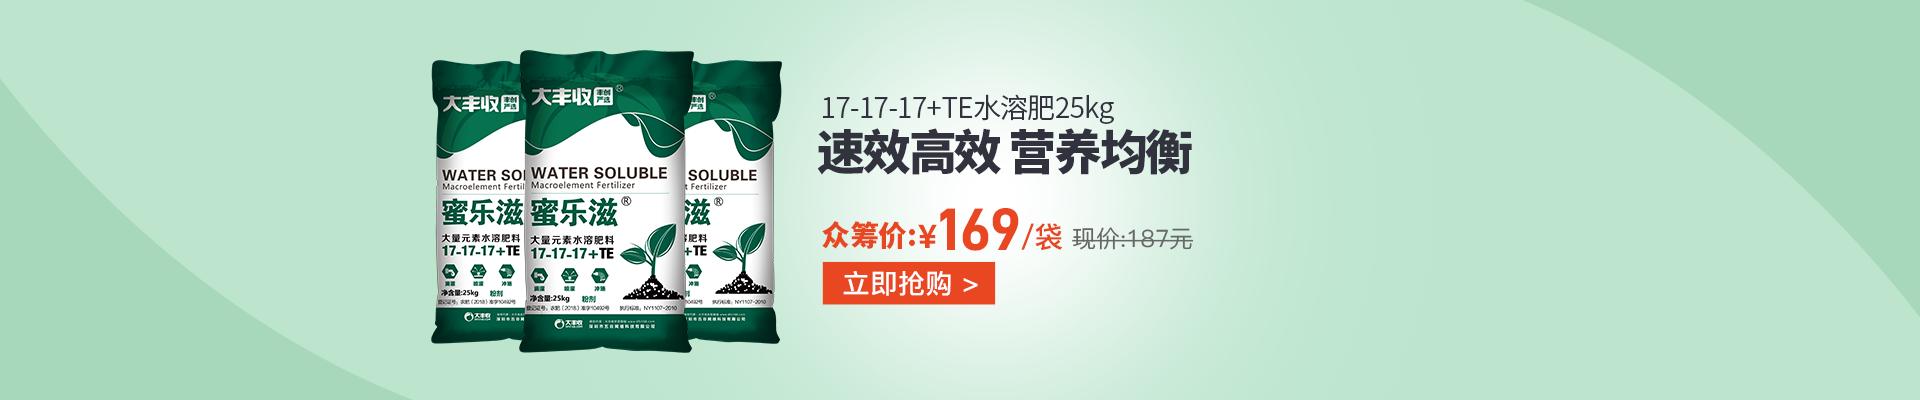 【6月】众筹-【丰创严选】N蜜乐滋17-17-17+TE水肥 25kg25kg*5袋